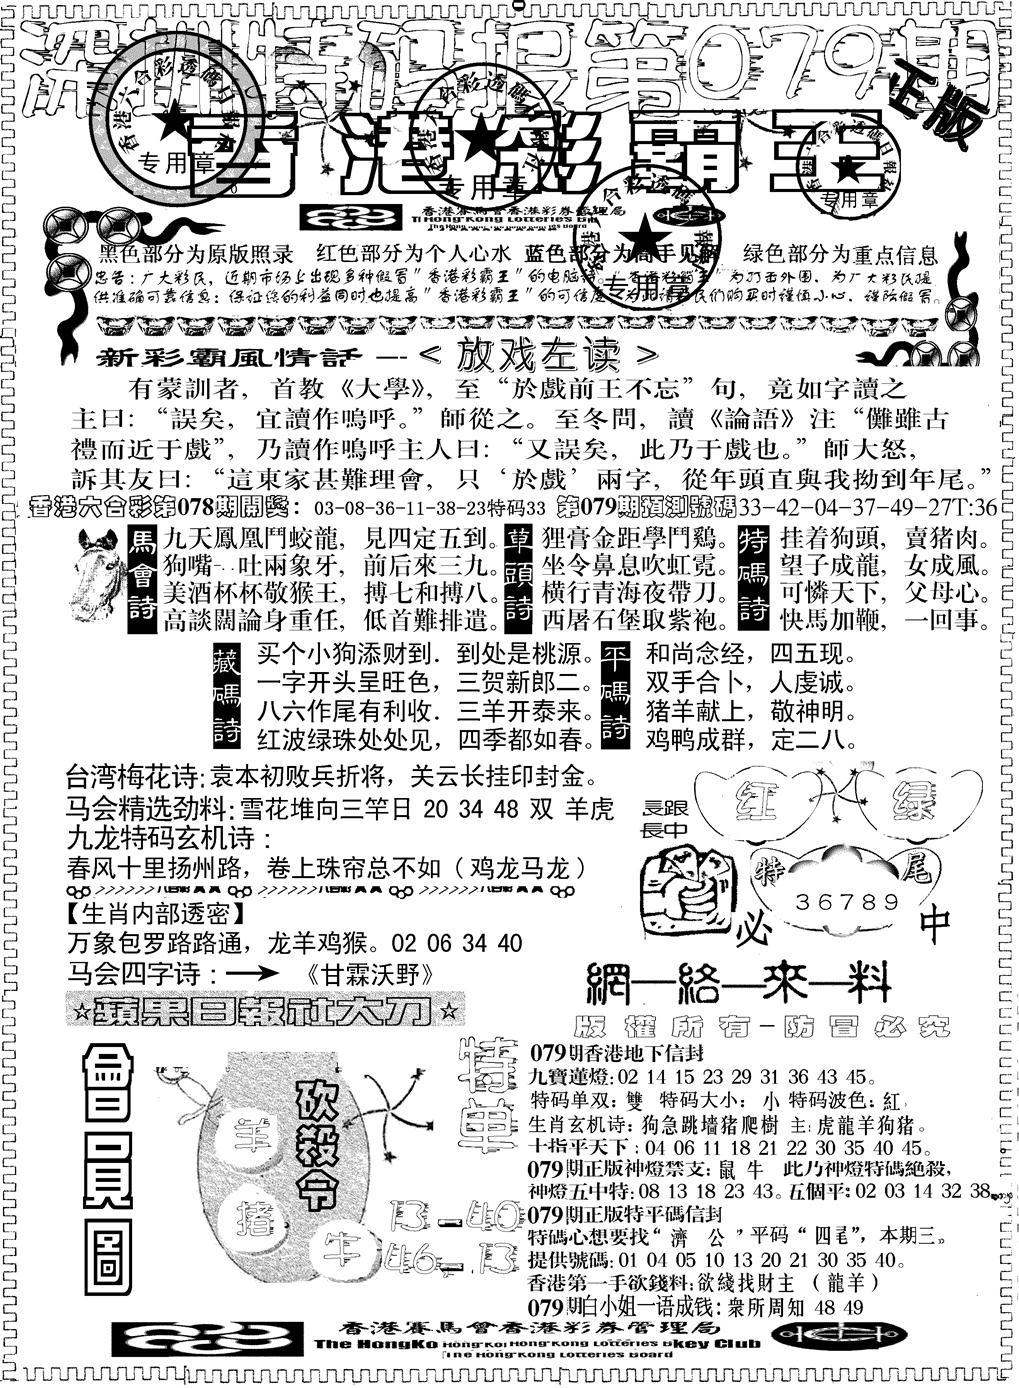 079期另版新版彩霸王A(黑白)